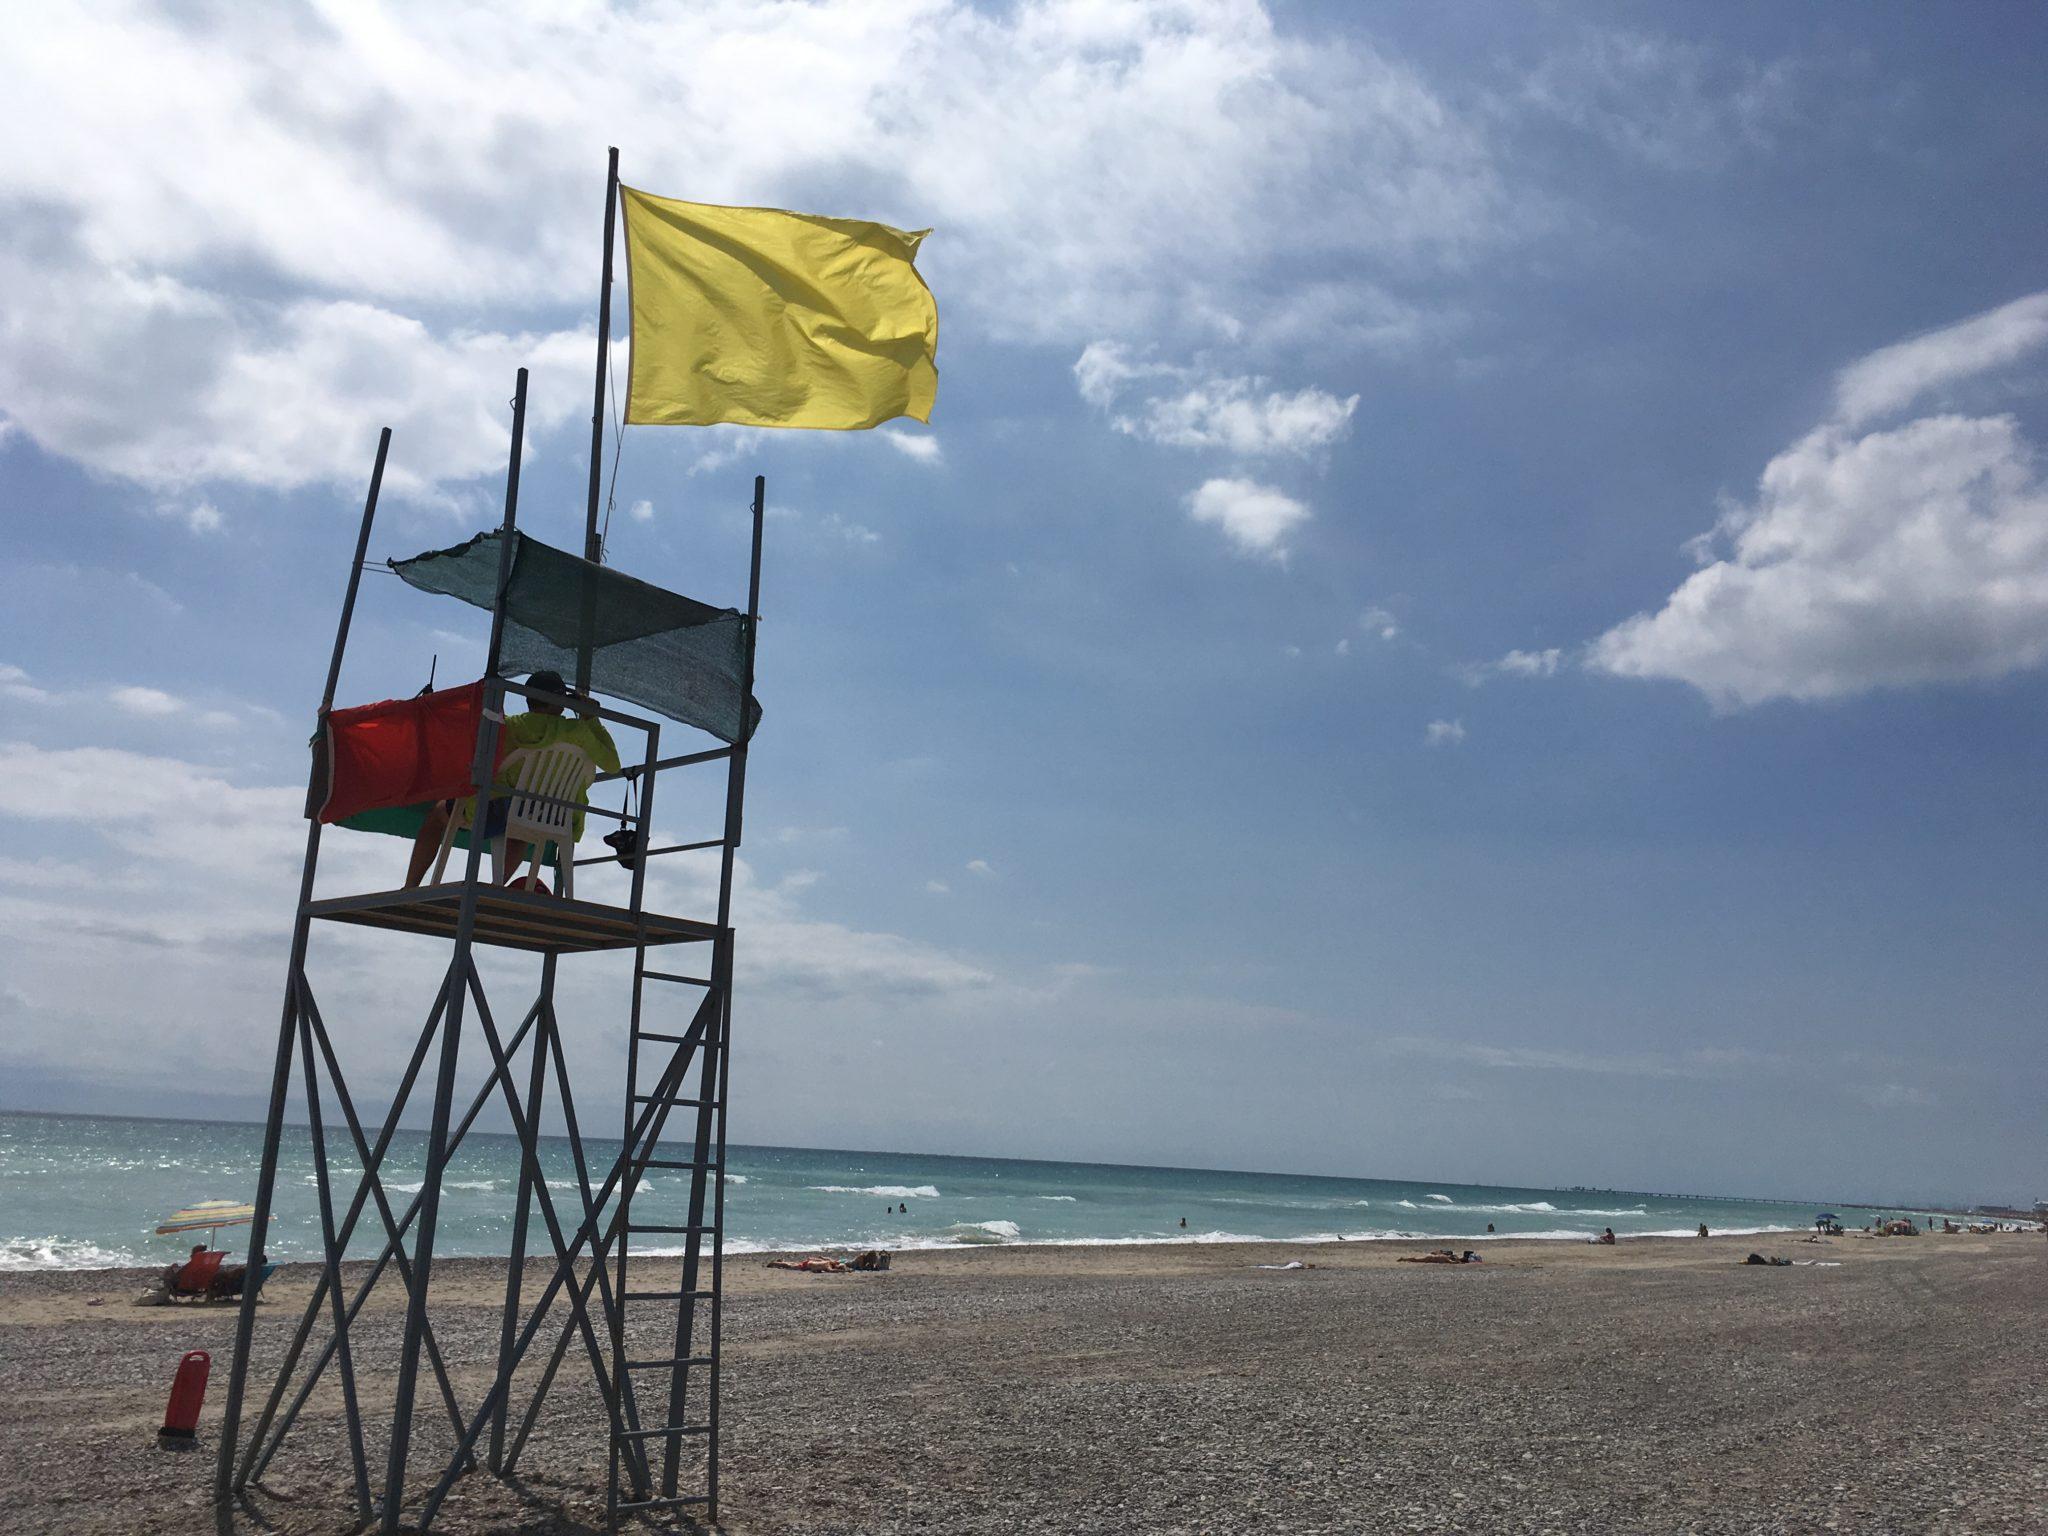 Un colectivo ciudadano de extremo centro limpia de símbolos independentistas el litoral valenciano